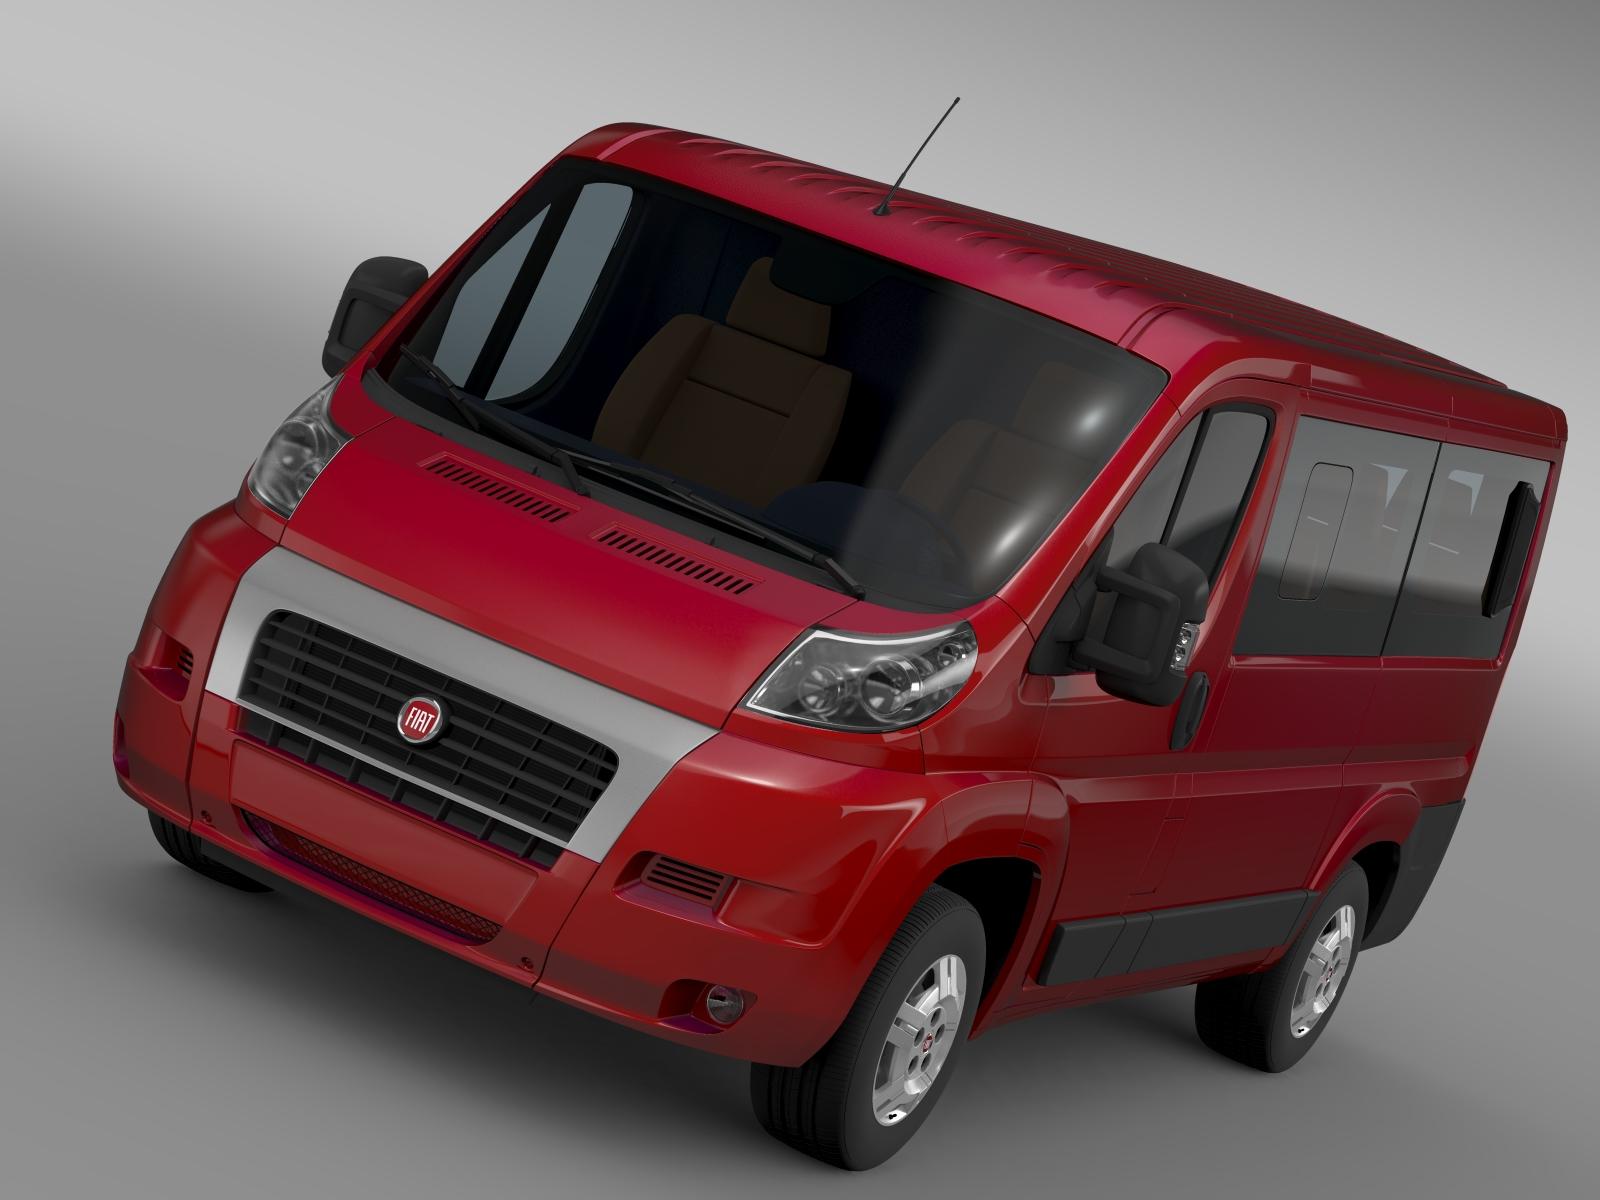 fiat ducato mini bus l1h1 2006-2014 3d model 3ds max fbx c4d lwo ma mb hrc xsi obj 210559